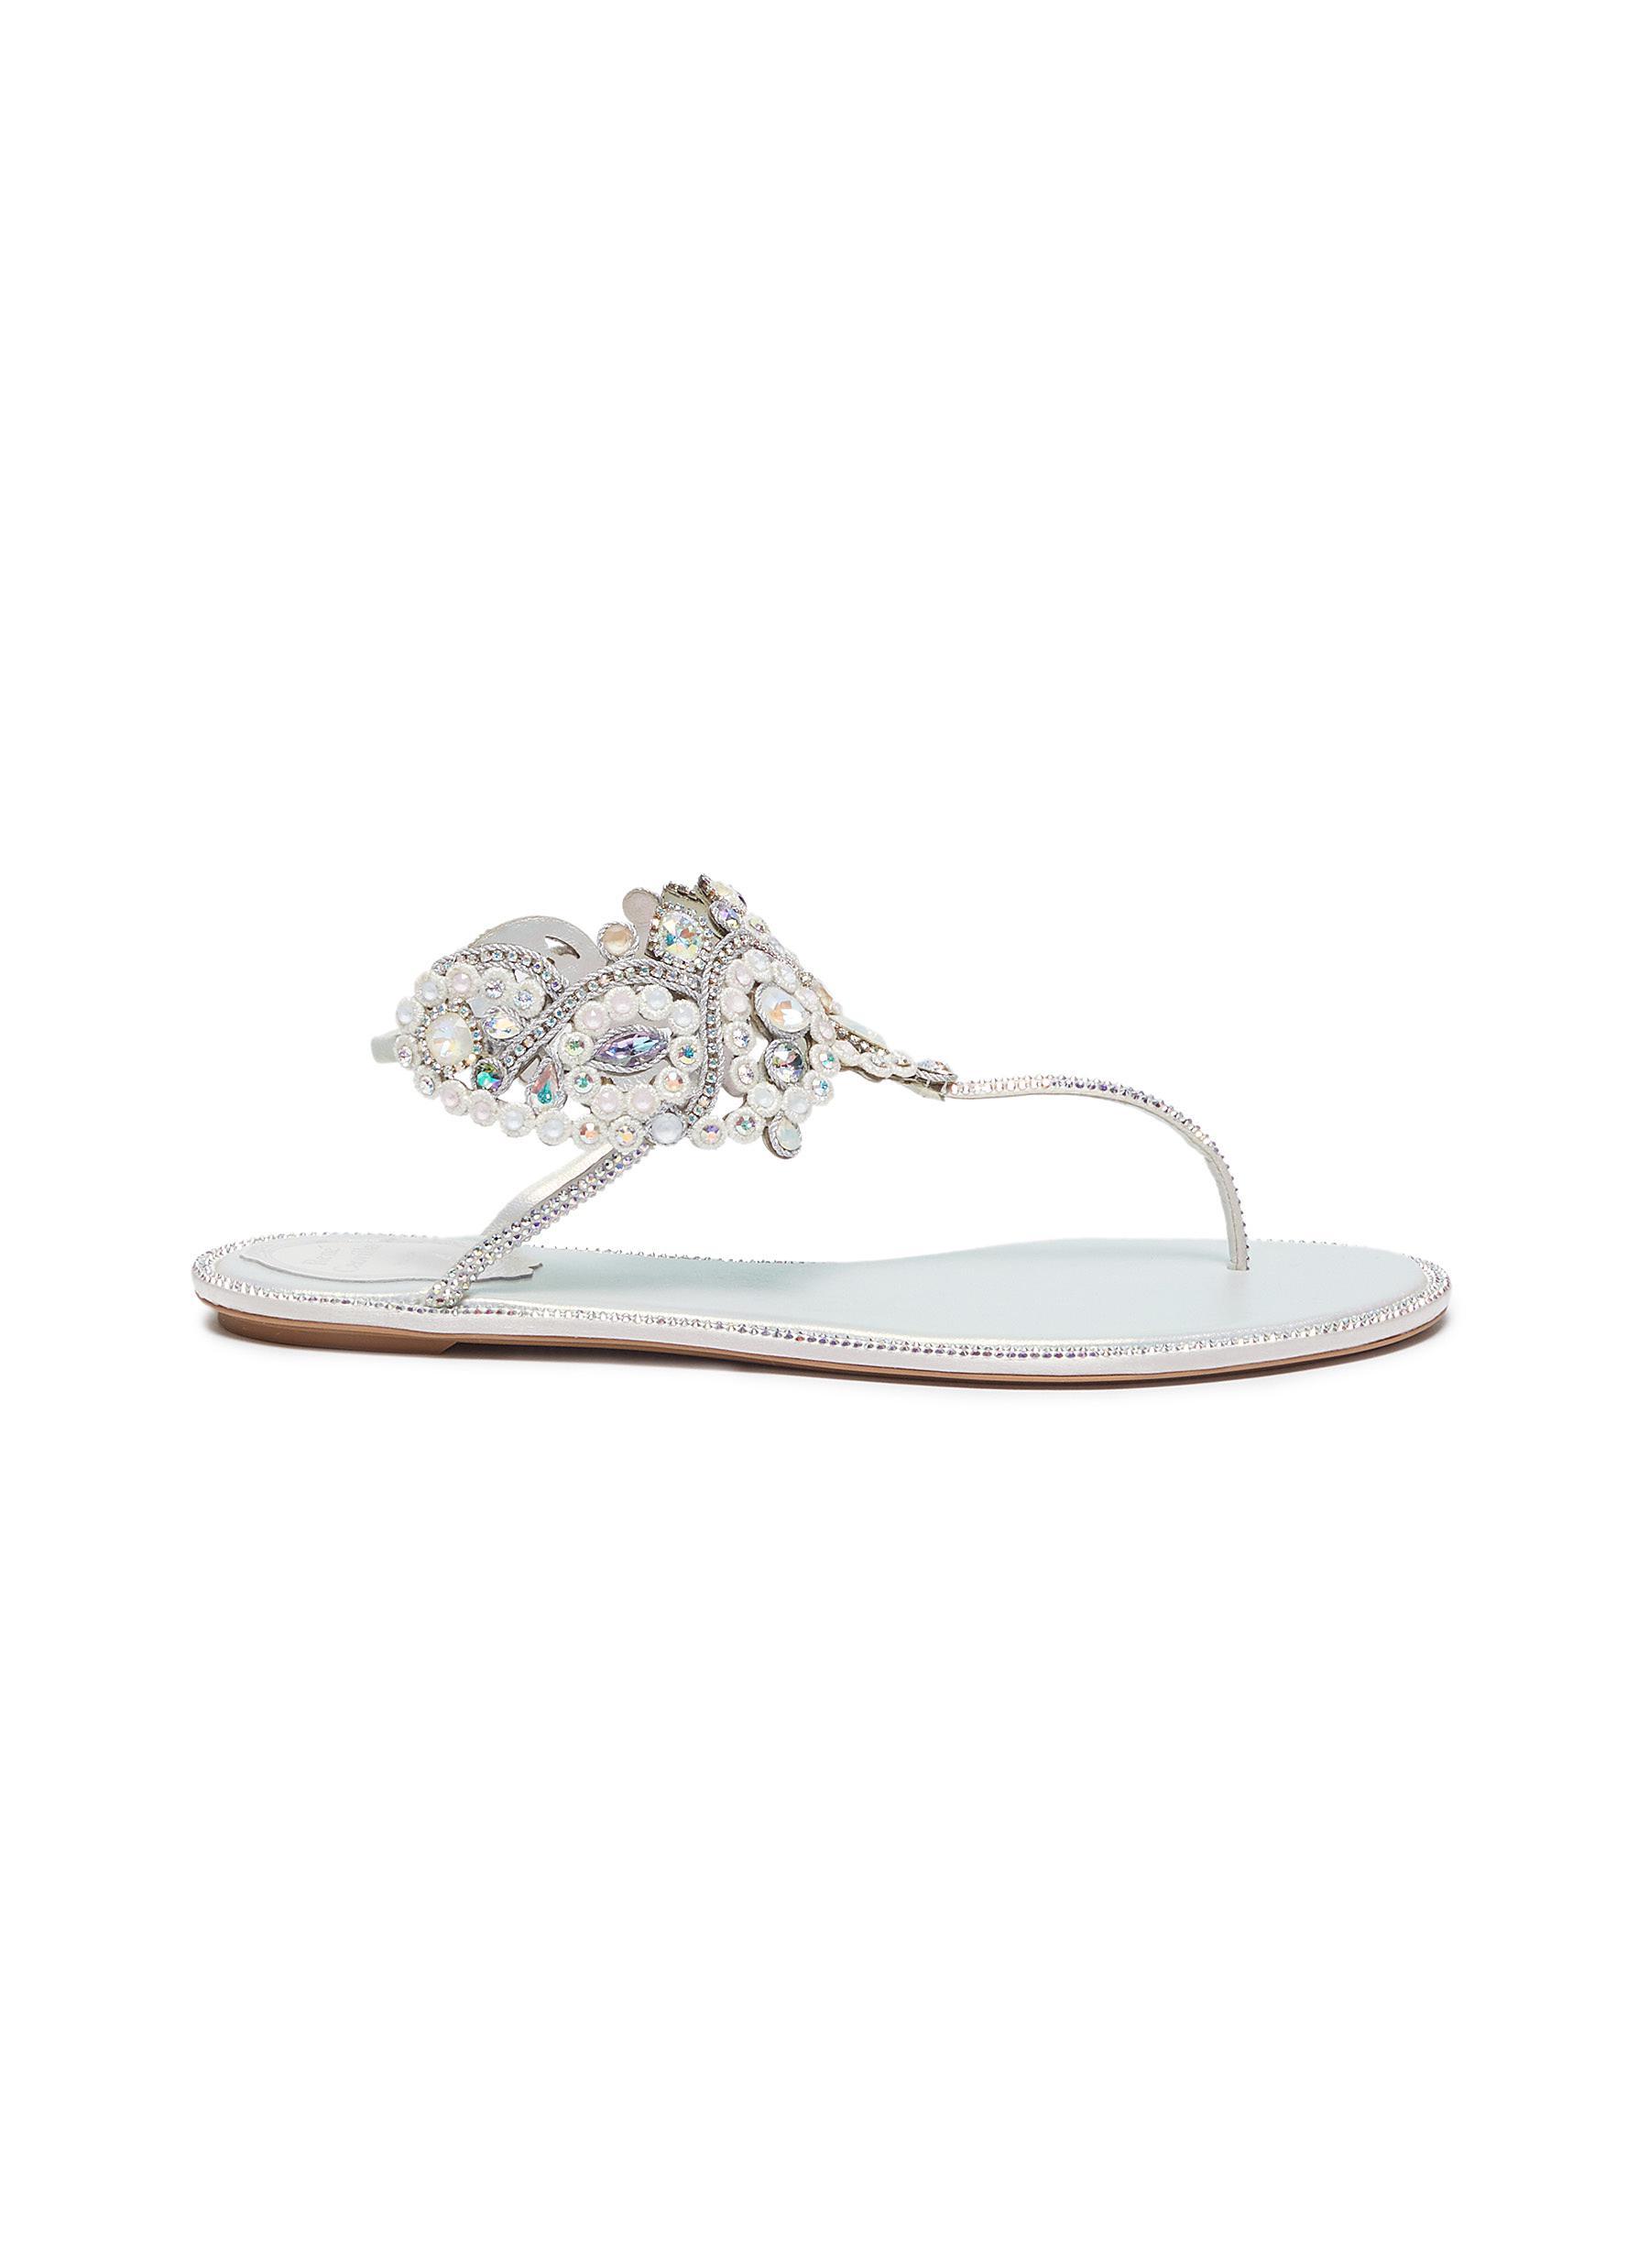 René Caovilla Flats Veneziana embellished satin thong sandals